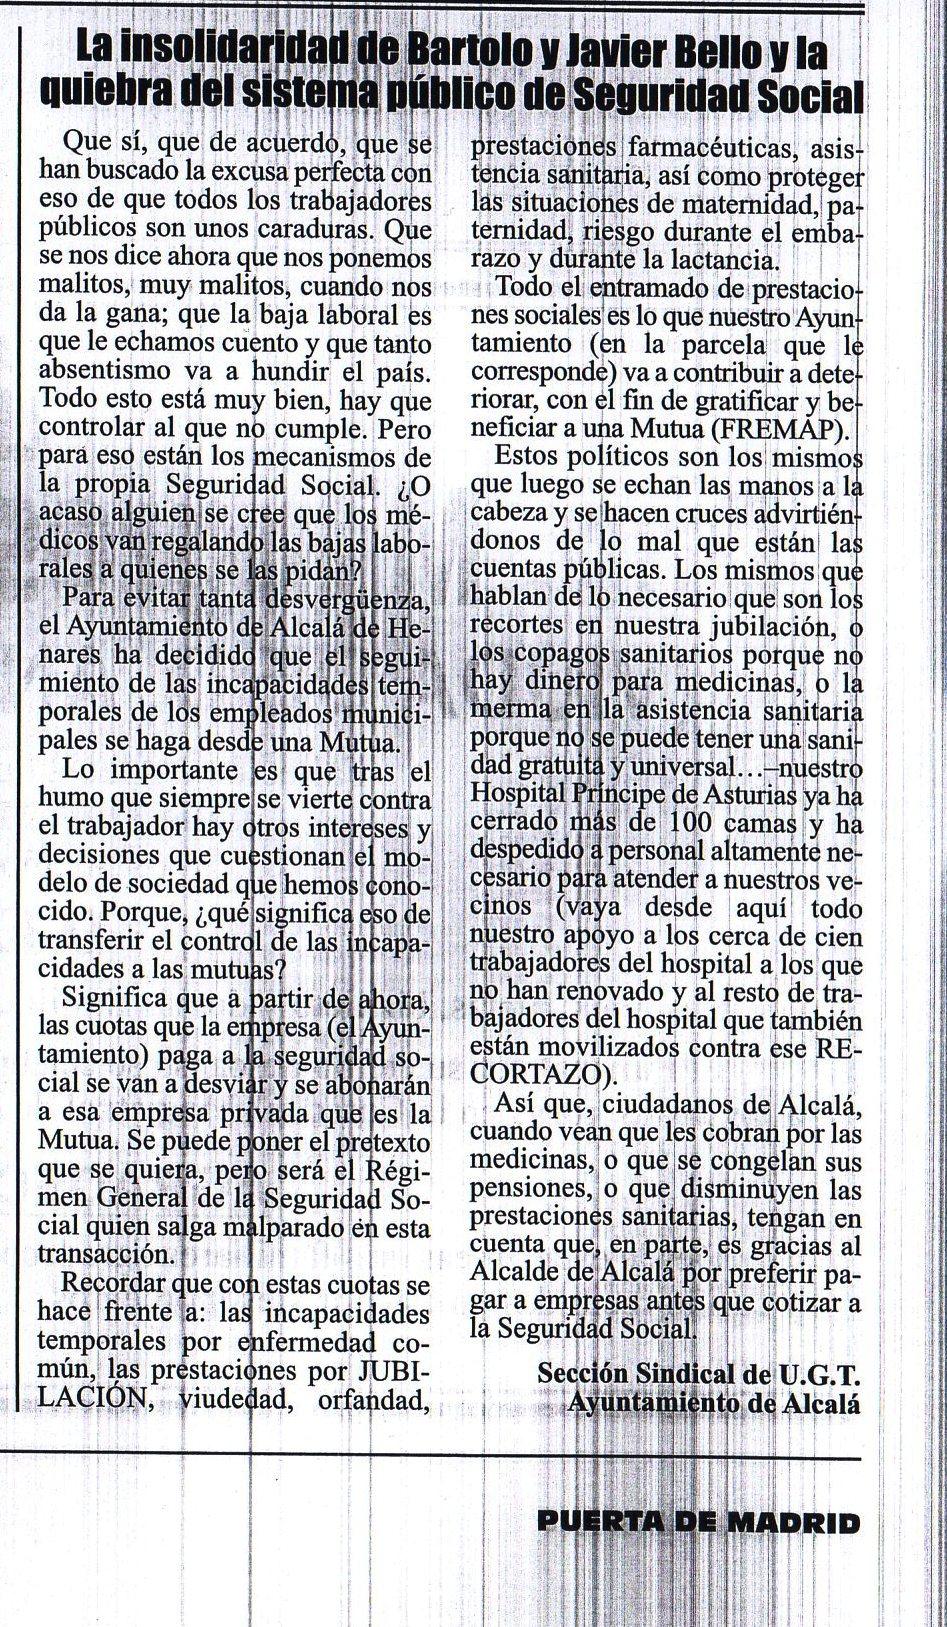 NOTA DE PRENSA SOBRE ACUERDO AYTO-FREMAP PARA QUE LA MUTUA SE HAGA CARGO DE LAS ENFERMEDADES COMUNES DEL PERSONAL MUNICIPAL